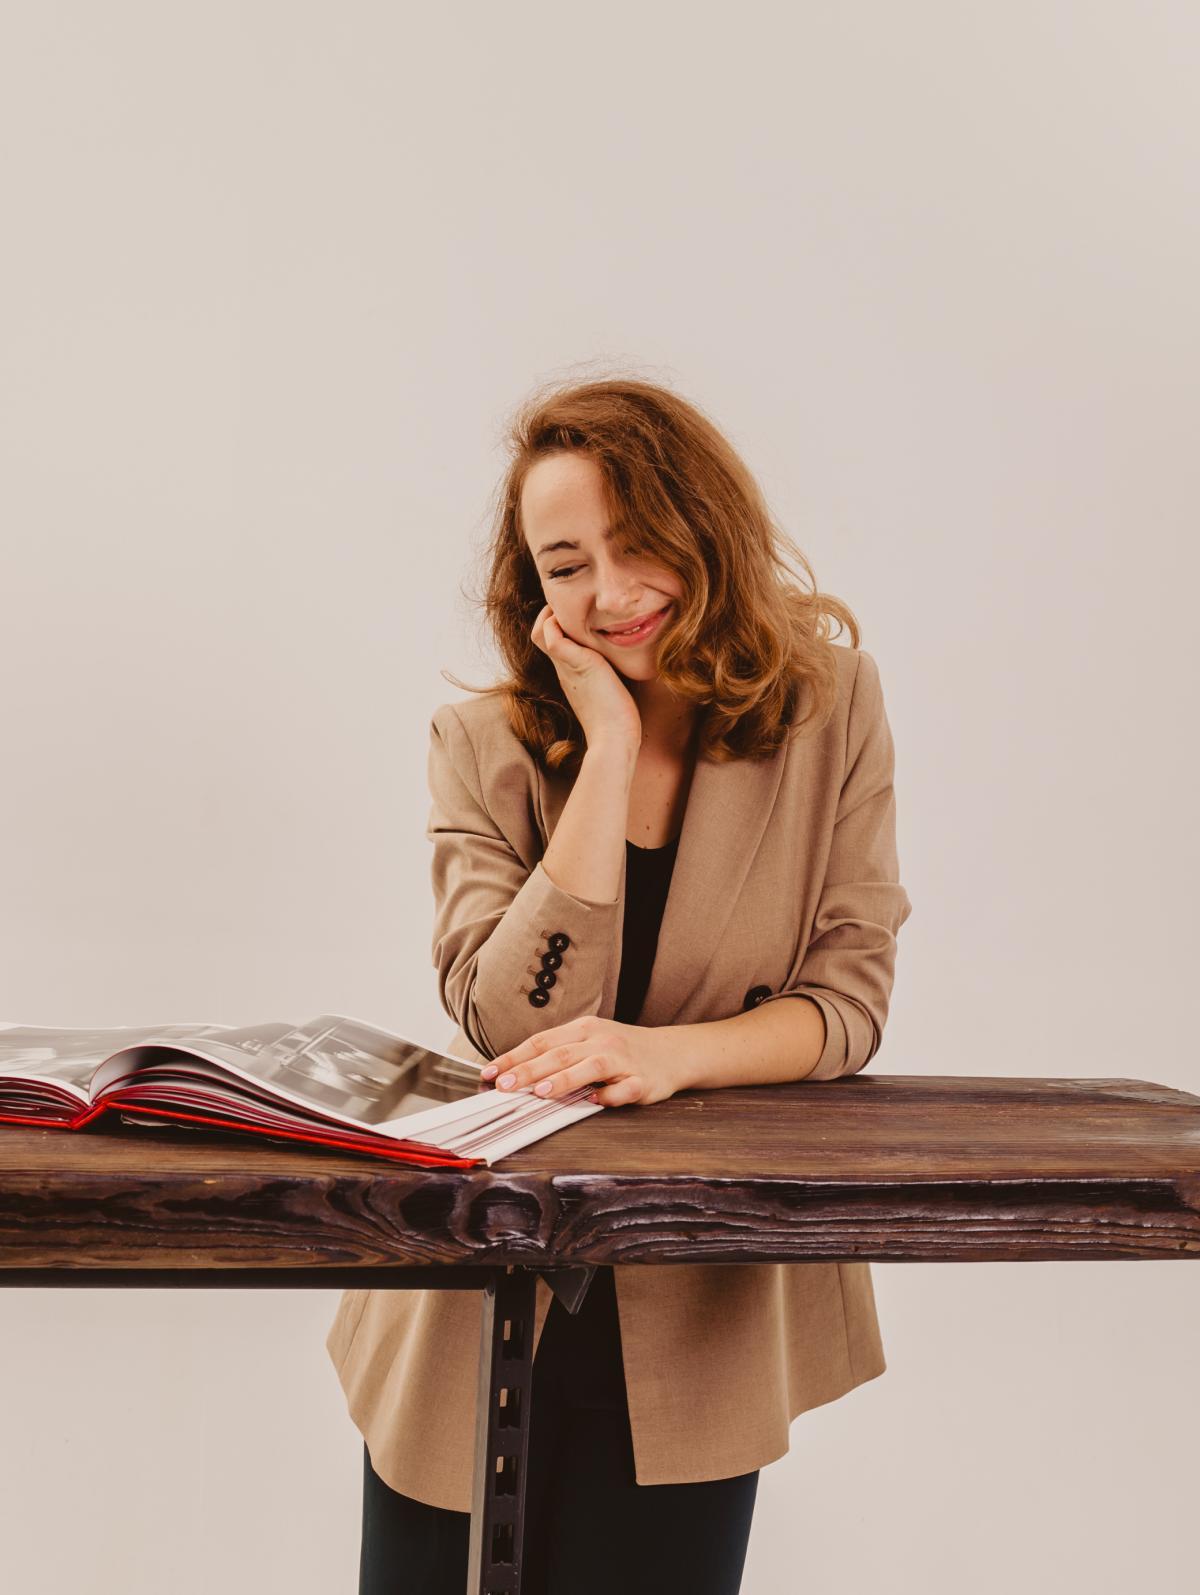 Читання може приносити багато радості / фото надано героїнею